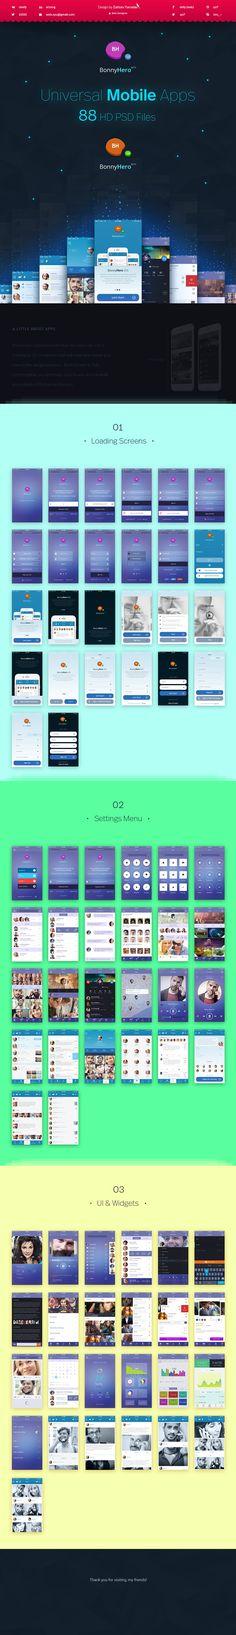 Bonny Hero App | Phone | Mobile UI ver. 2.0 on Behance